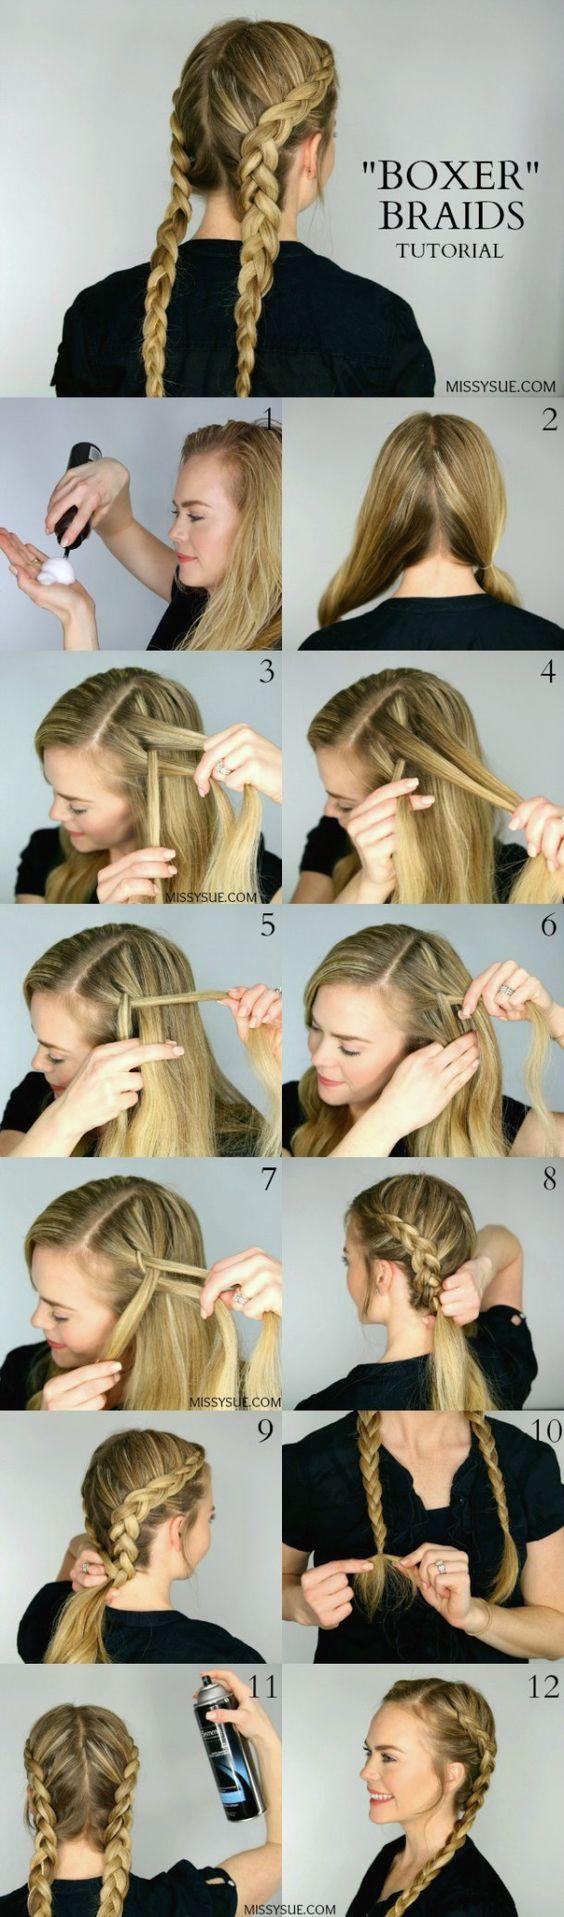 Tuto: 10 idées de coiffures tressées repérées sur Pinterest